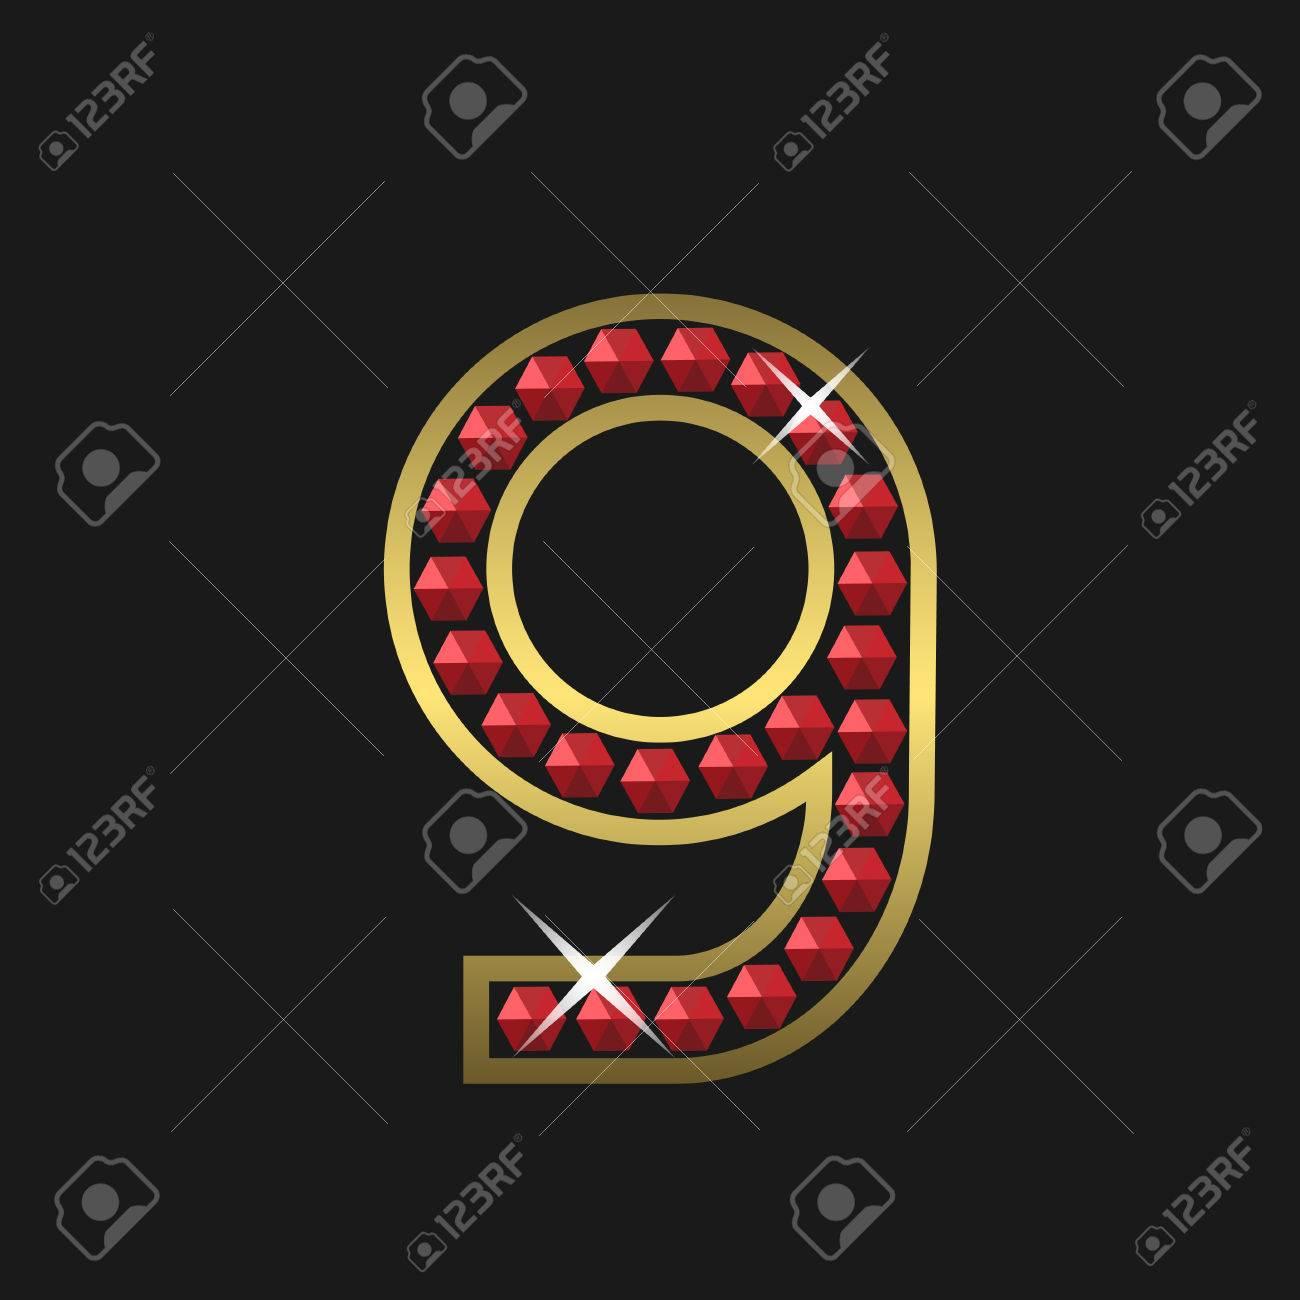 41a0539b9e62 Foto de archivo - Número de oro nueve símbolo con joyas rojas. Lujo